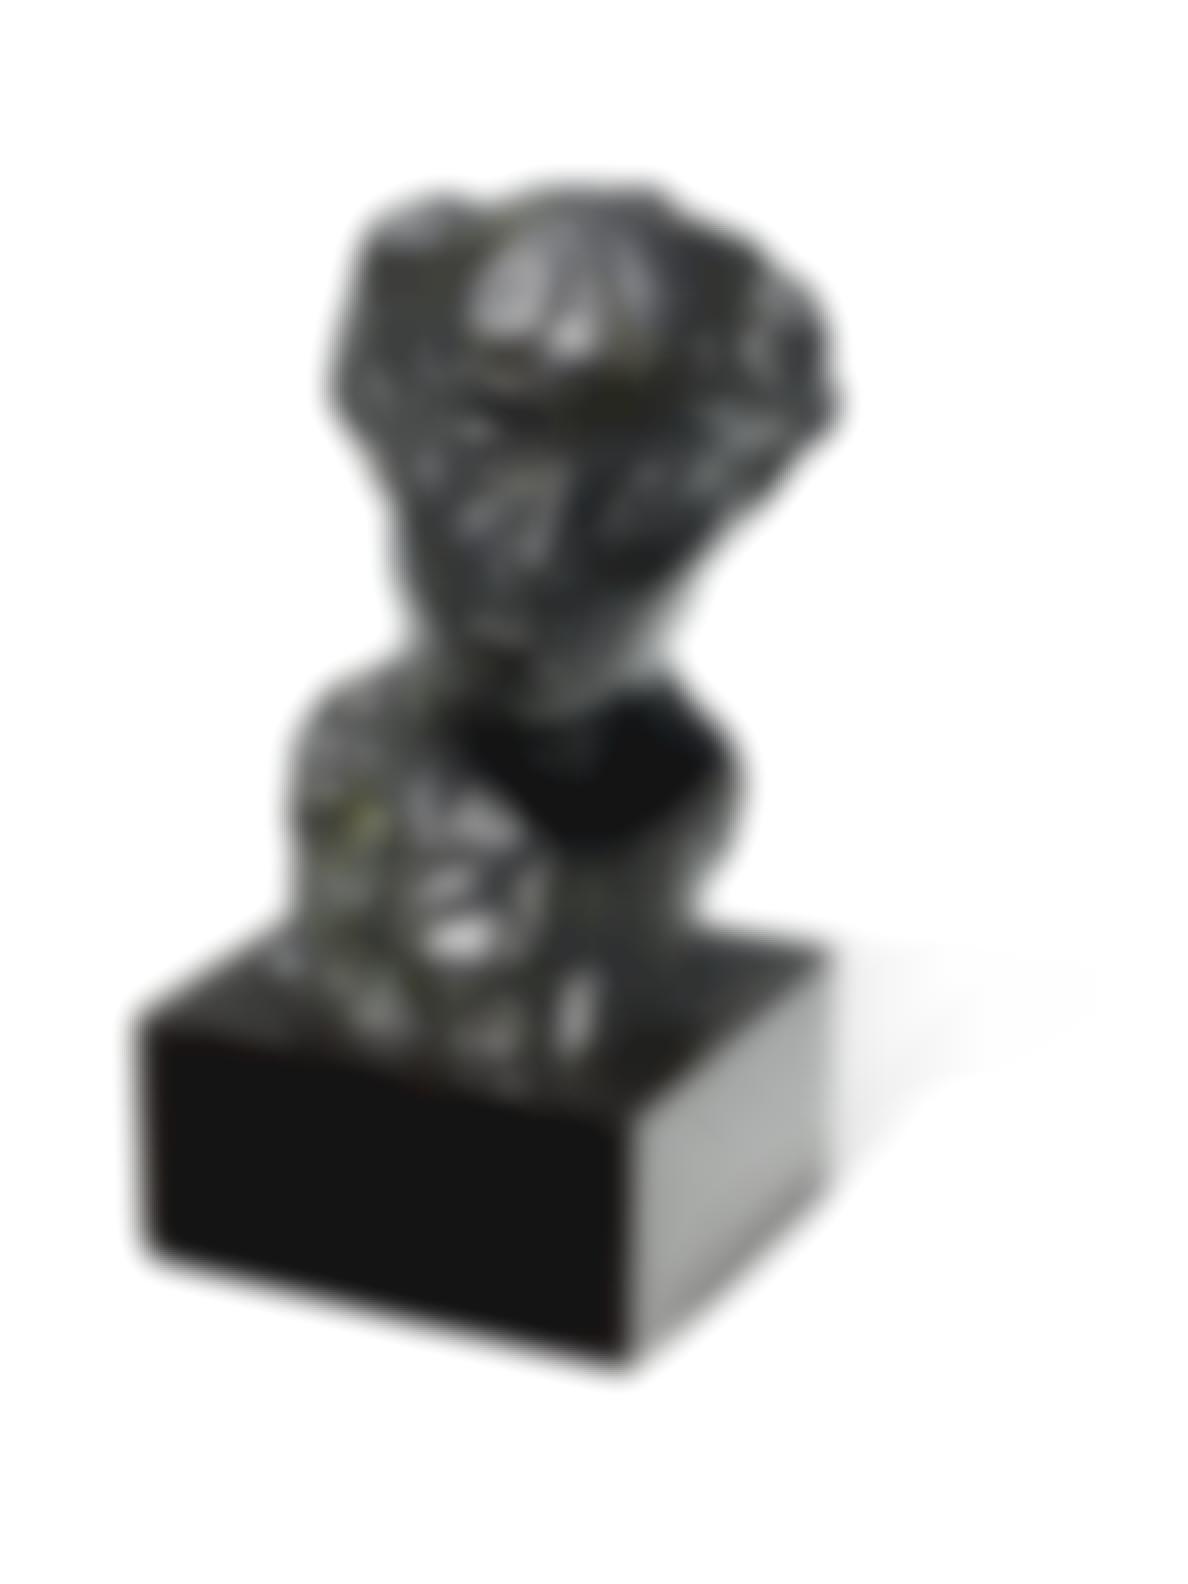 Auguste Rodin-Etude Pour Un Portrait Feminin Dit Aussi (Etude De Buste Pour Le Portrait De La Comtesse De Noailles)-1973